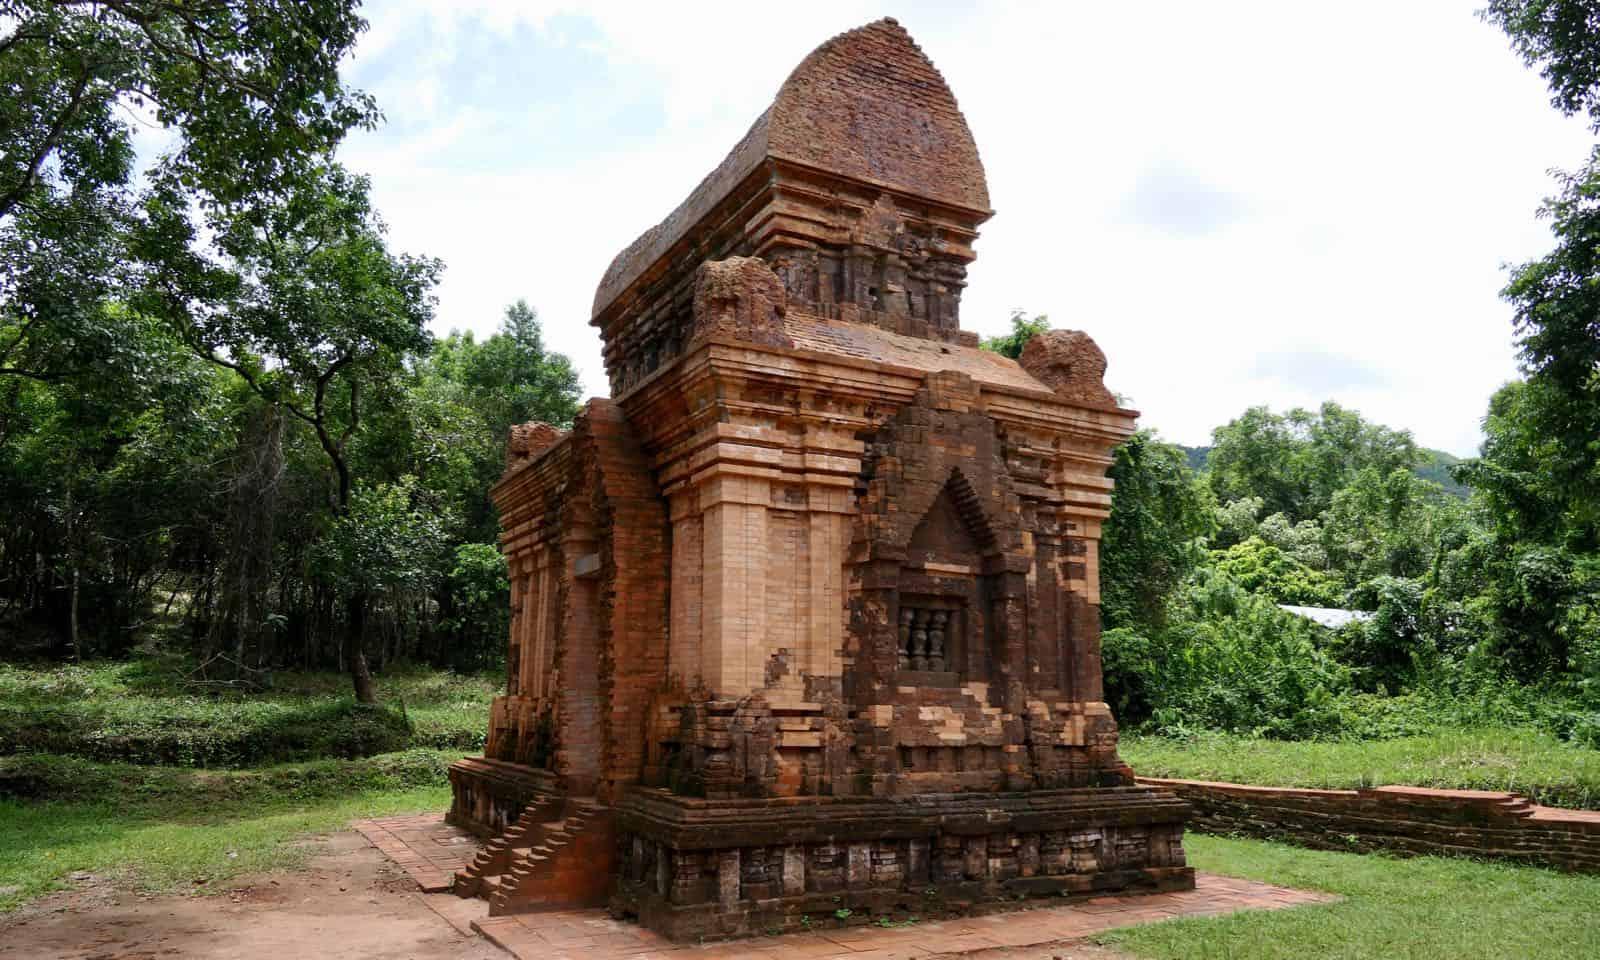 My Son reconstructed ruins Hoi An Vietnam betternotstop